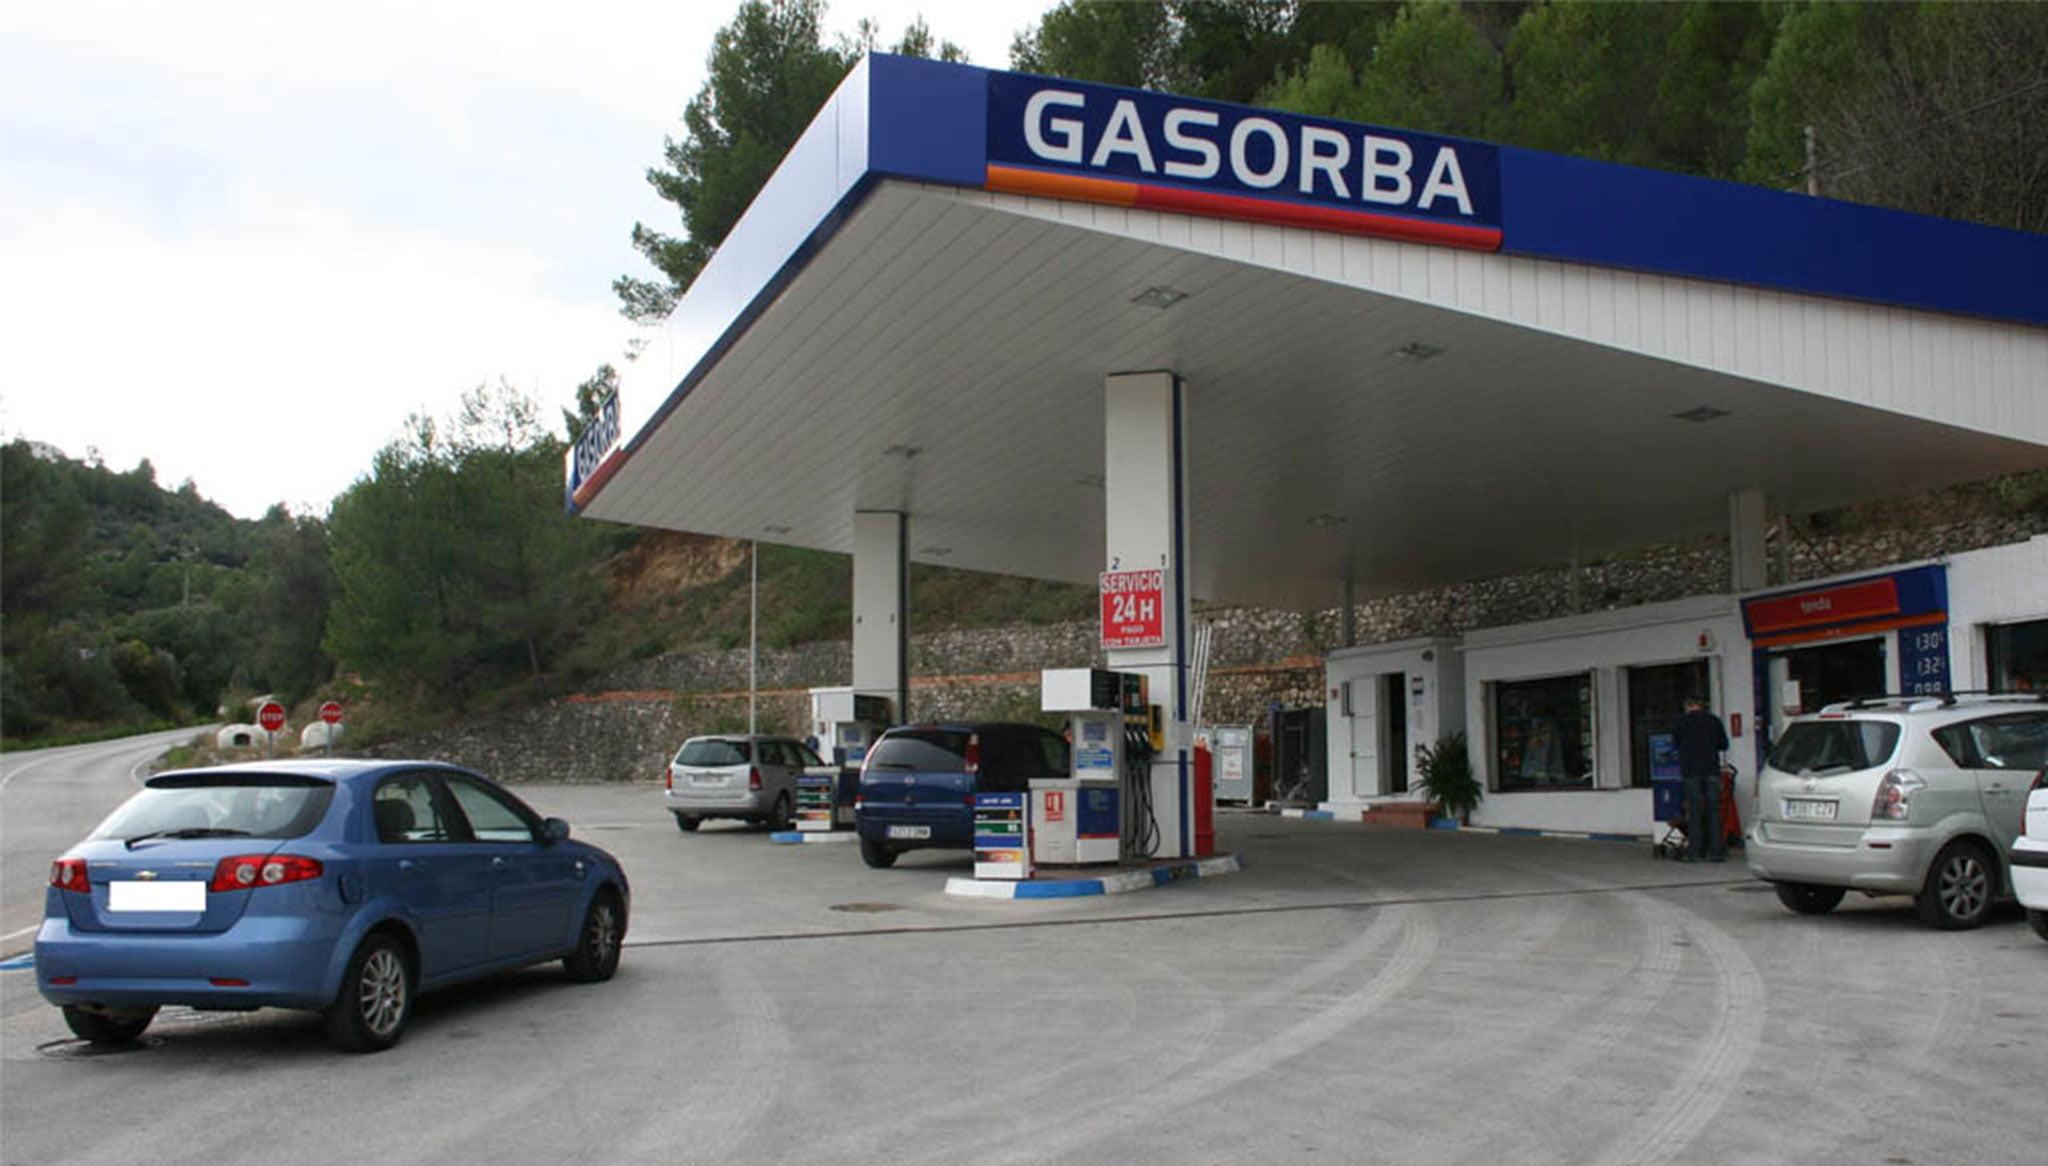 Station service Gasorba